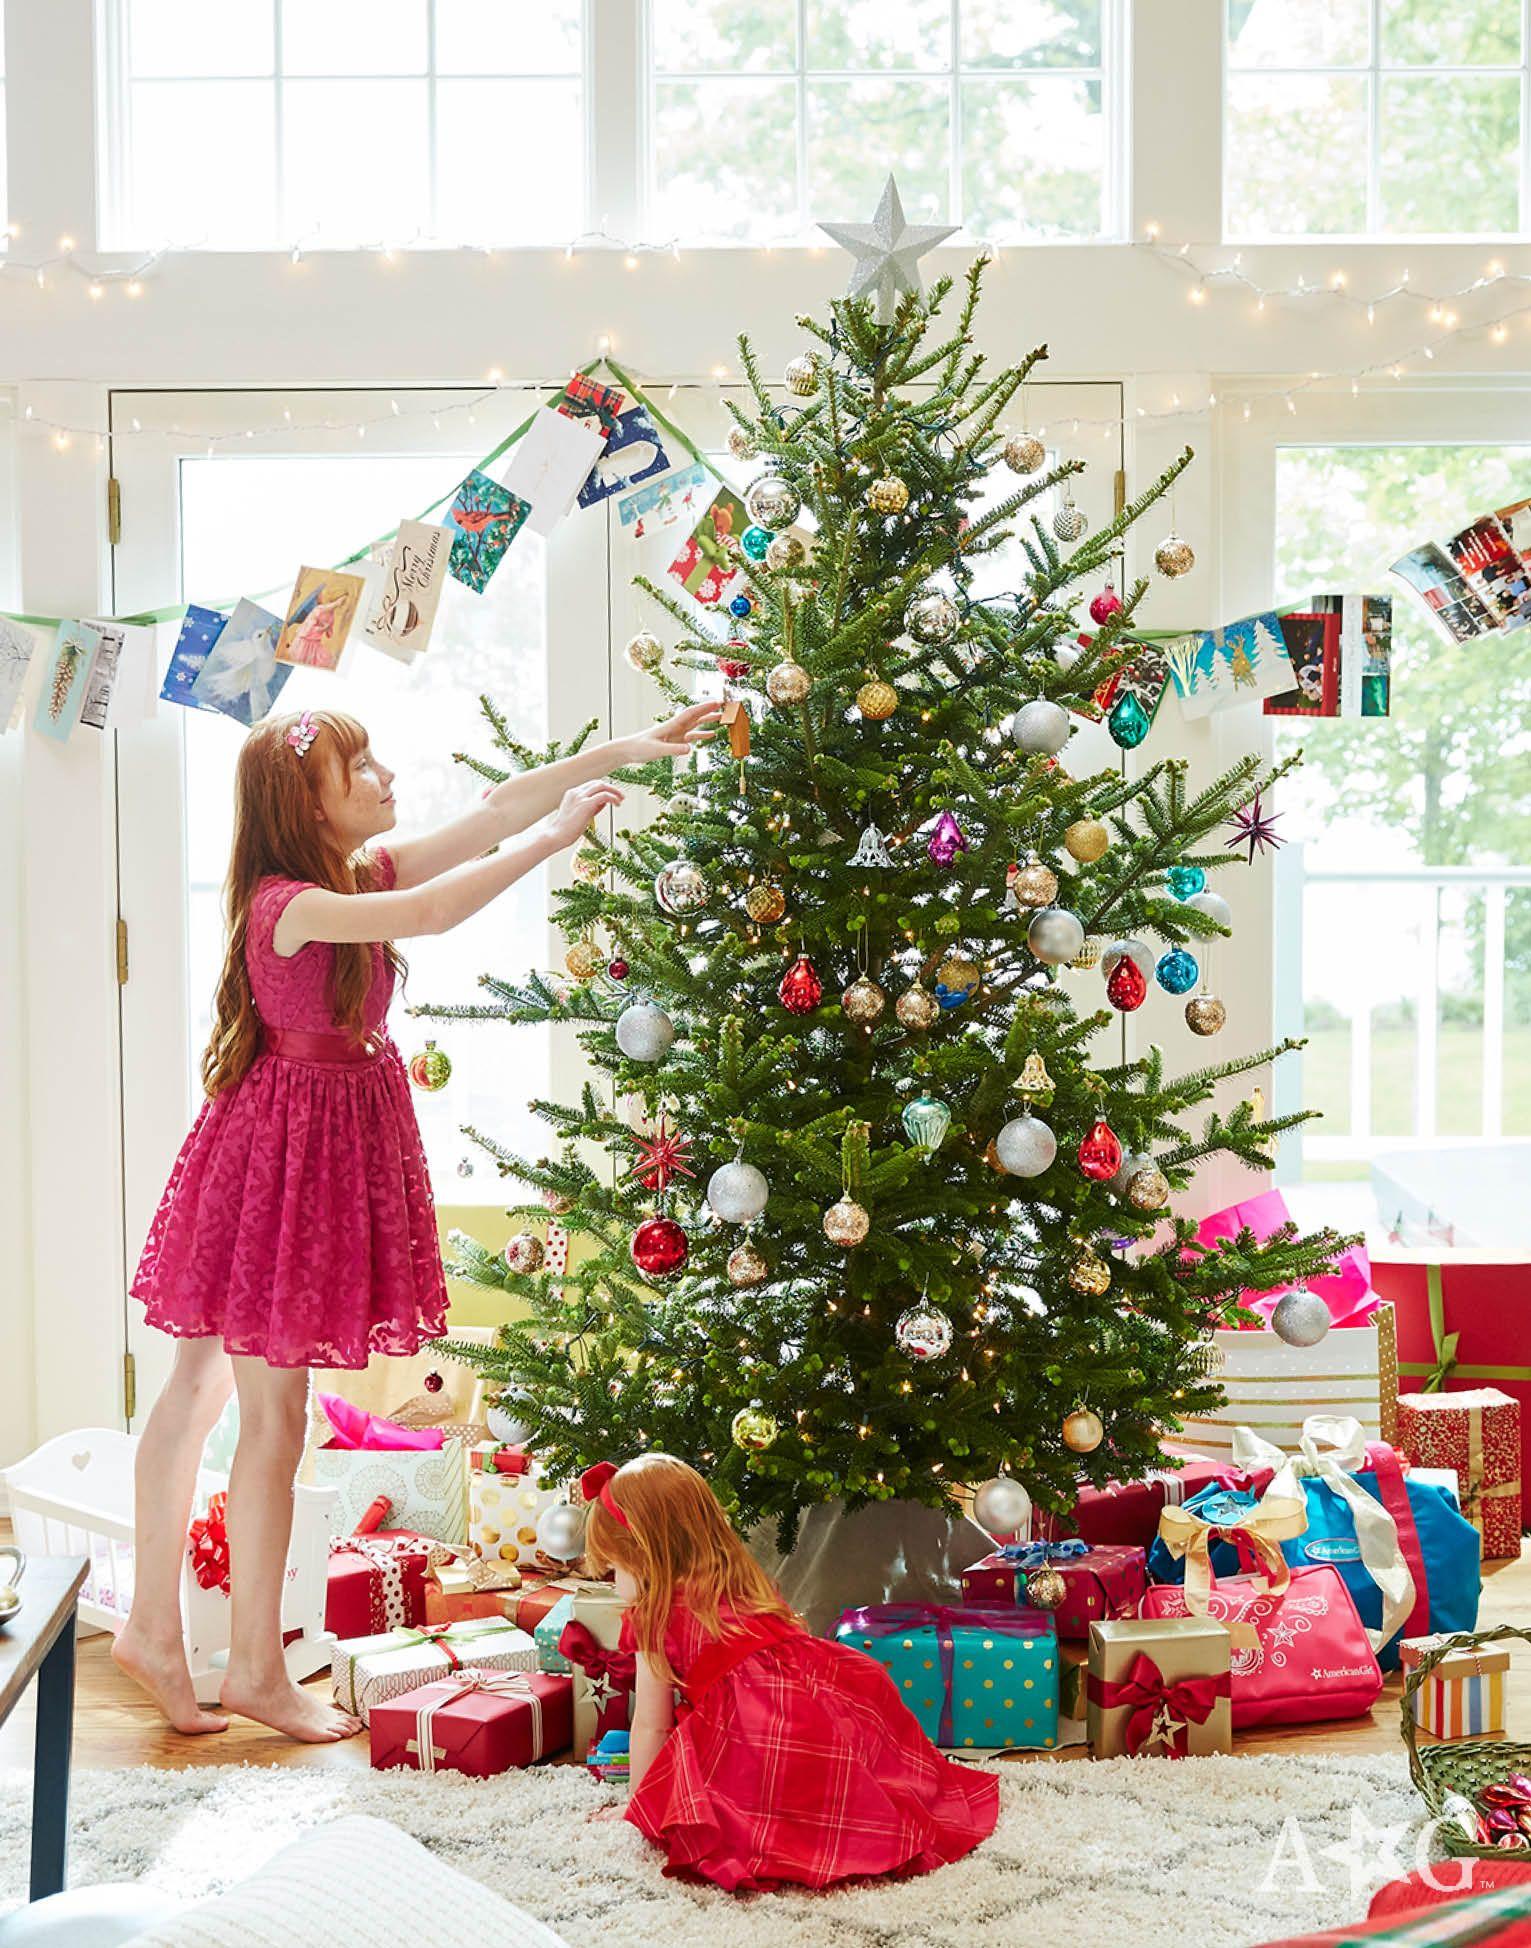 Christmas gift shopping 2019 1040